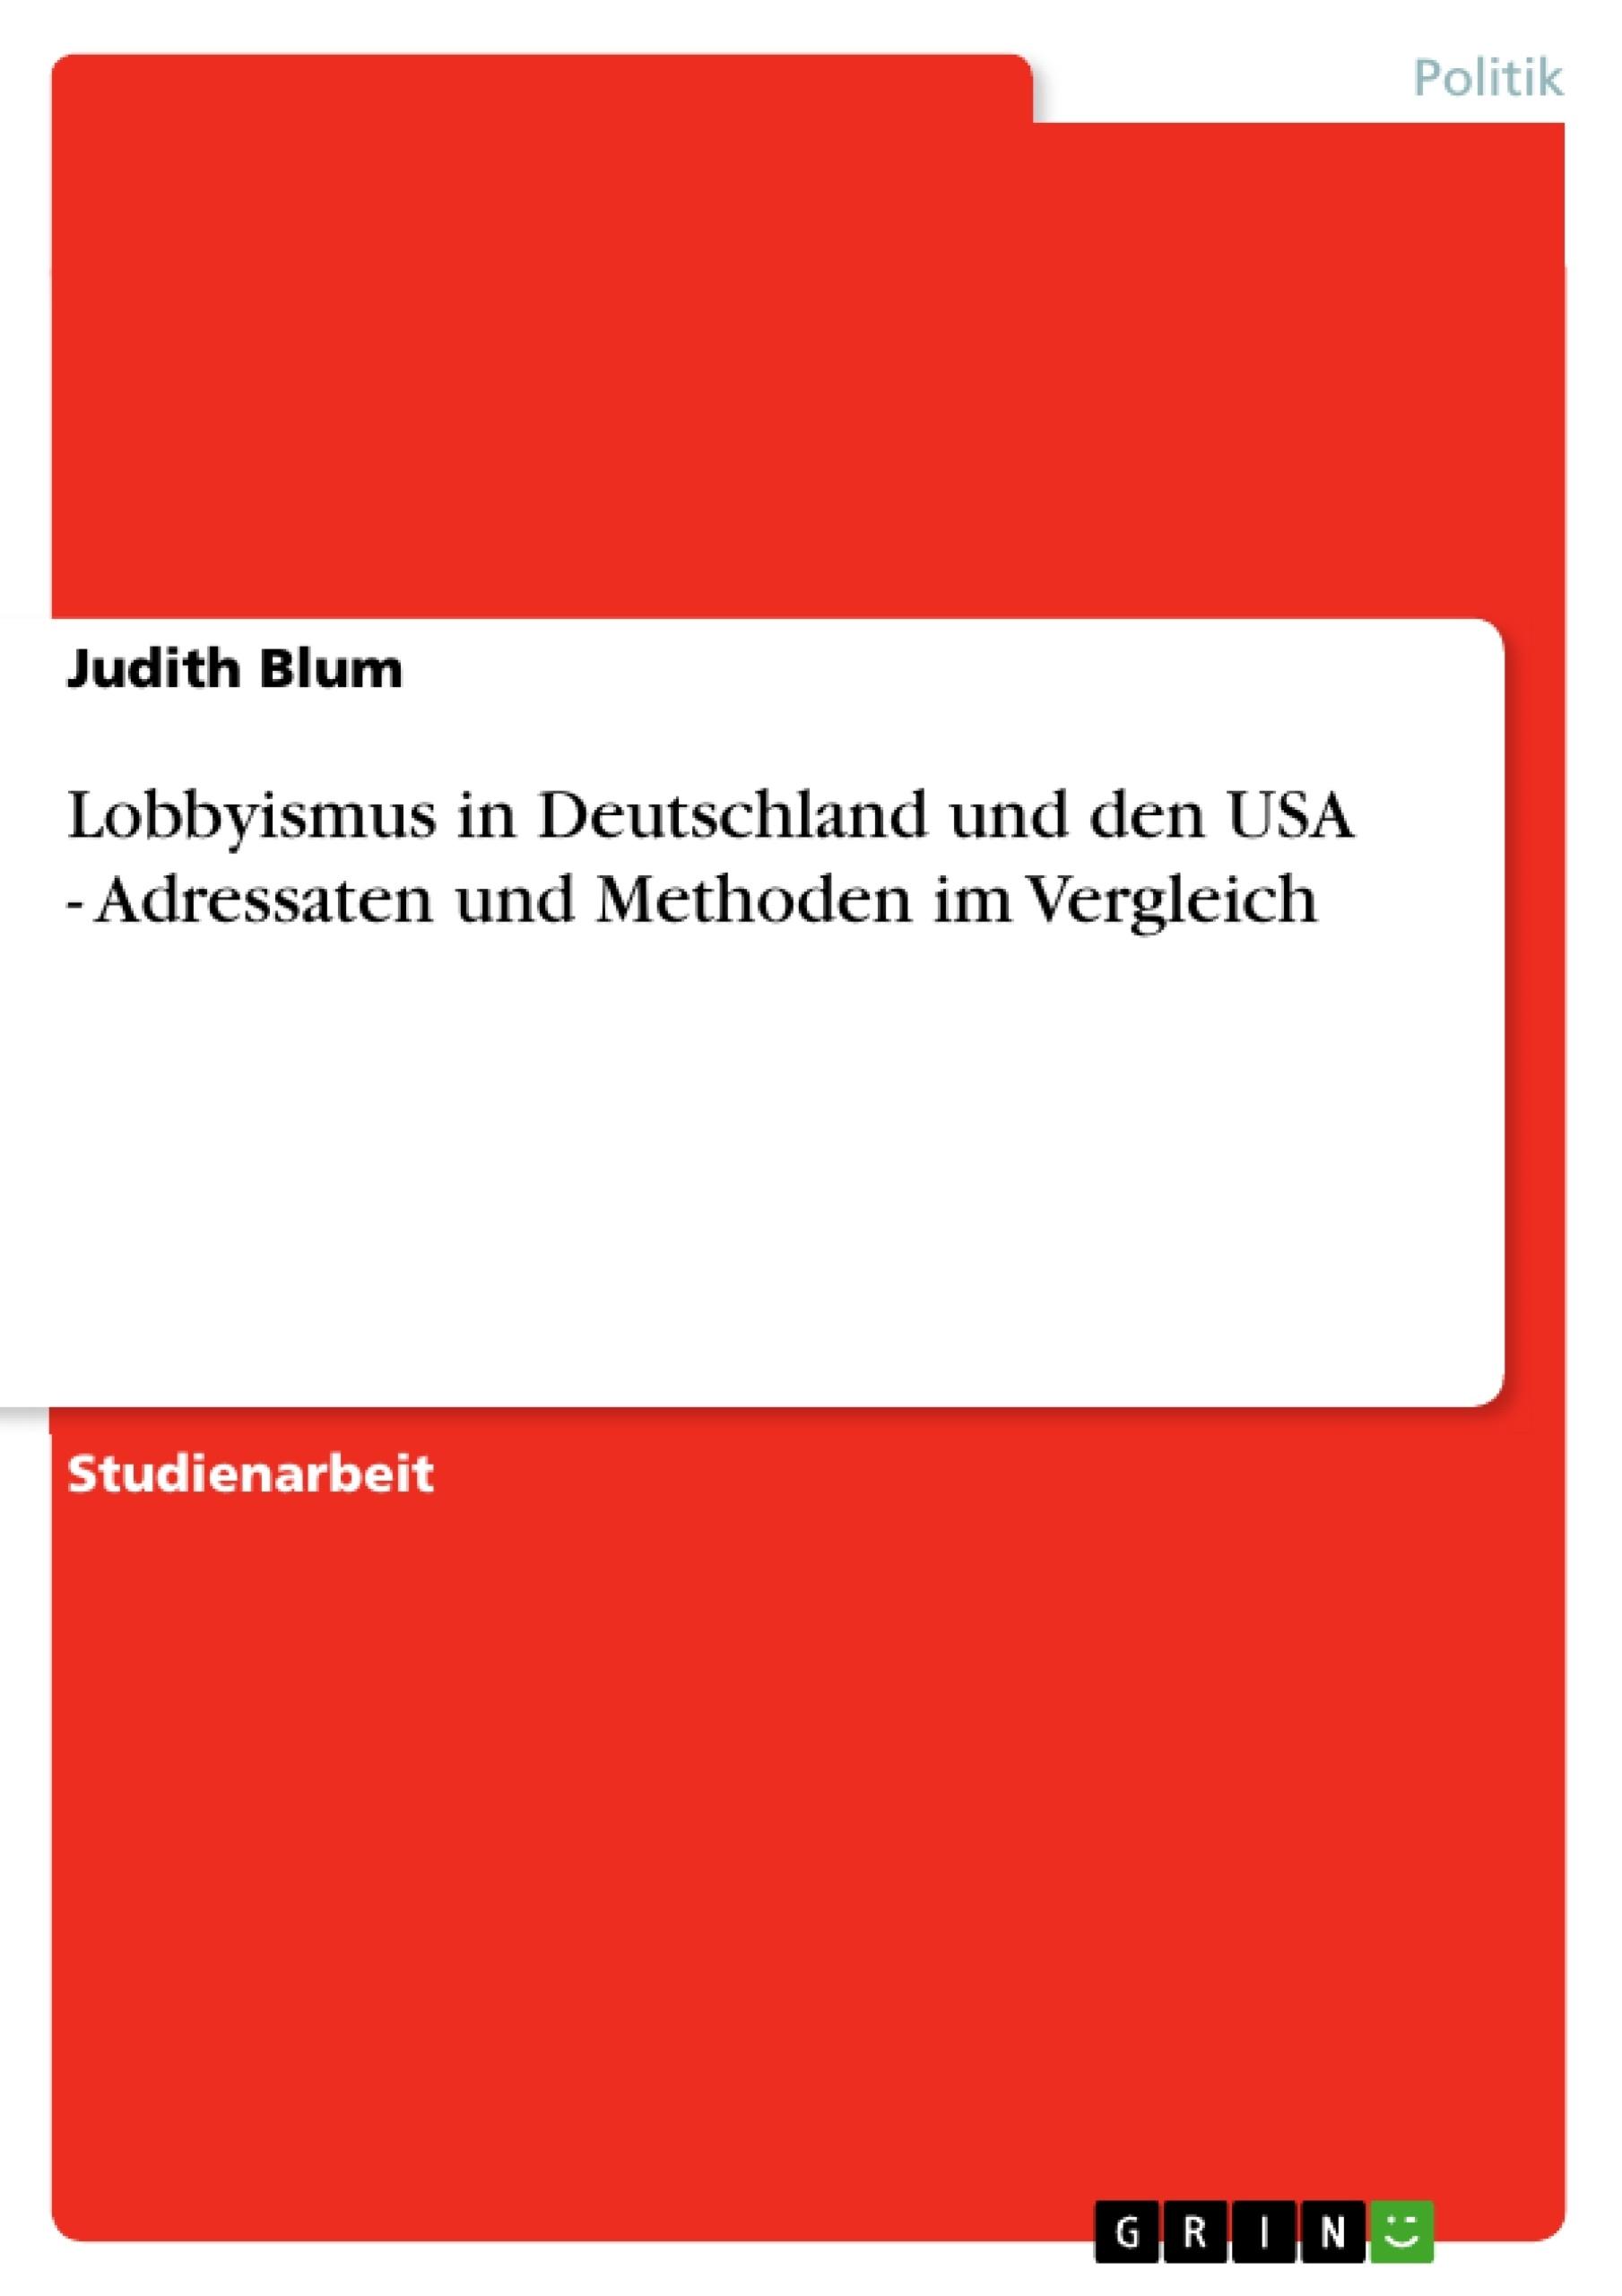 Titel: Lobbyismus in Deutschland und den USA - Adressaten und Methoden im Vergleich